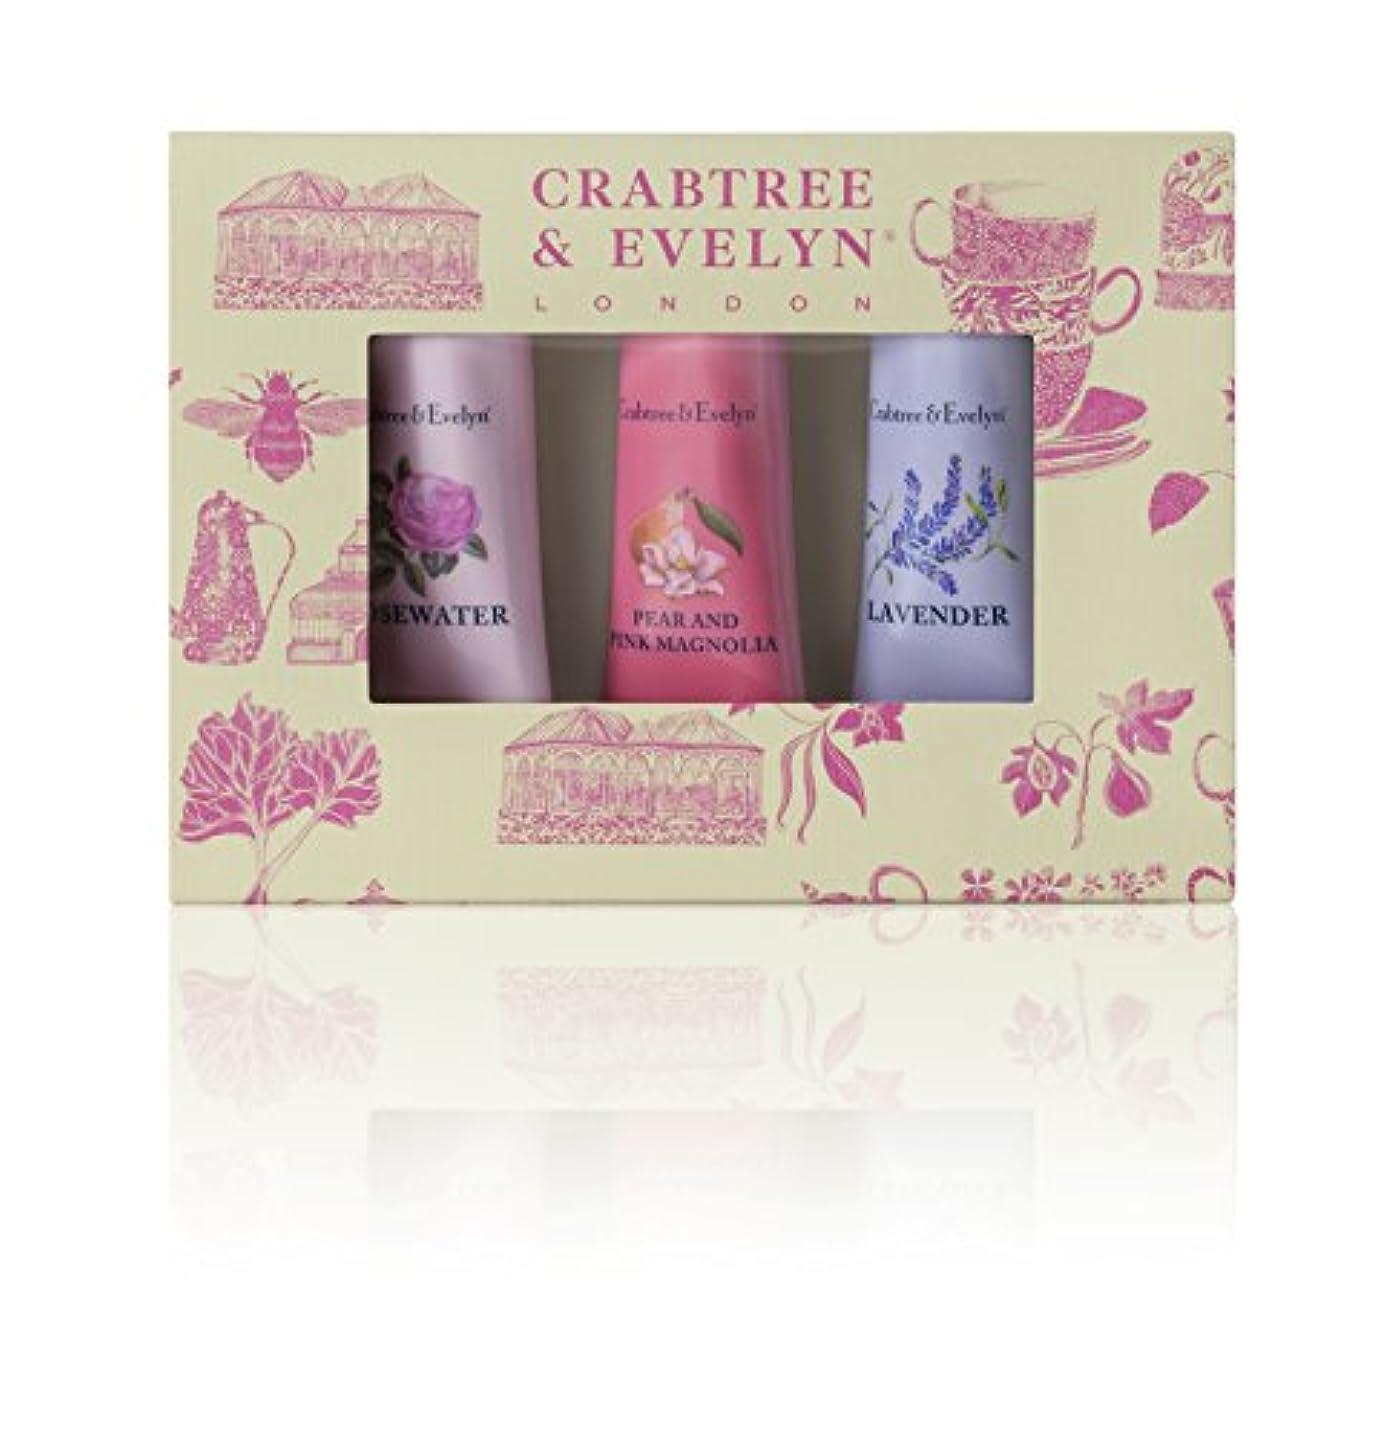 不格好暗記するブートクラブツリー&イヴリン Florals Hand Therapy Set (1x Pear & Pink Magnolia, 1x Rosewater, 1x Lavender) 3x25g/0.9oz並行輸入品